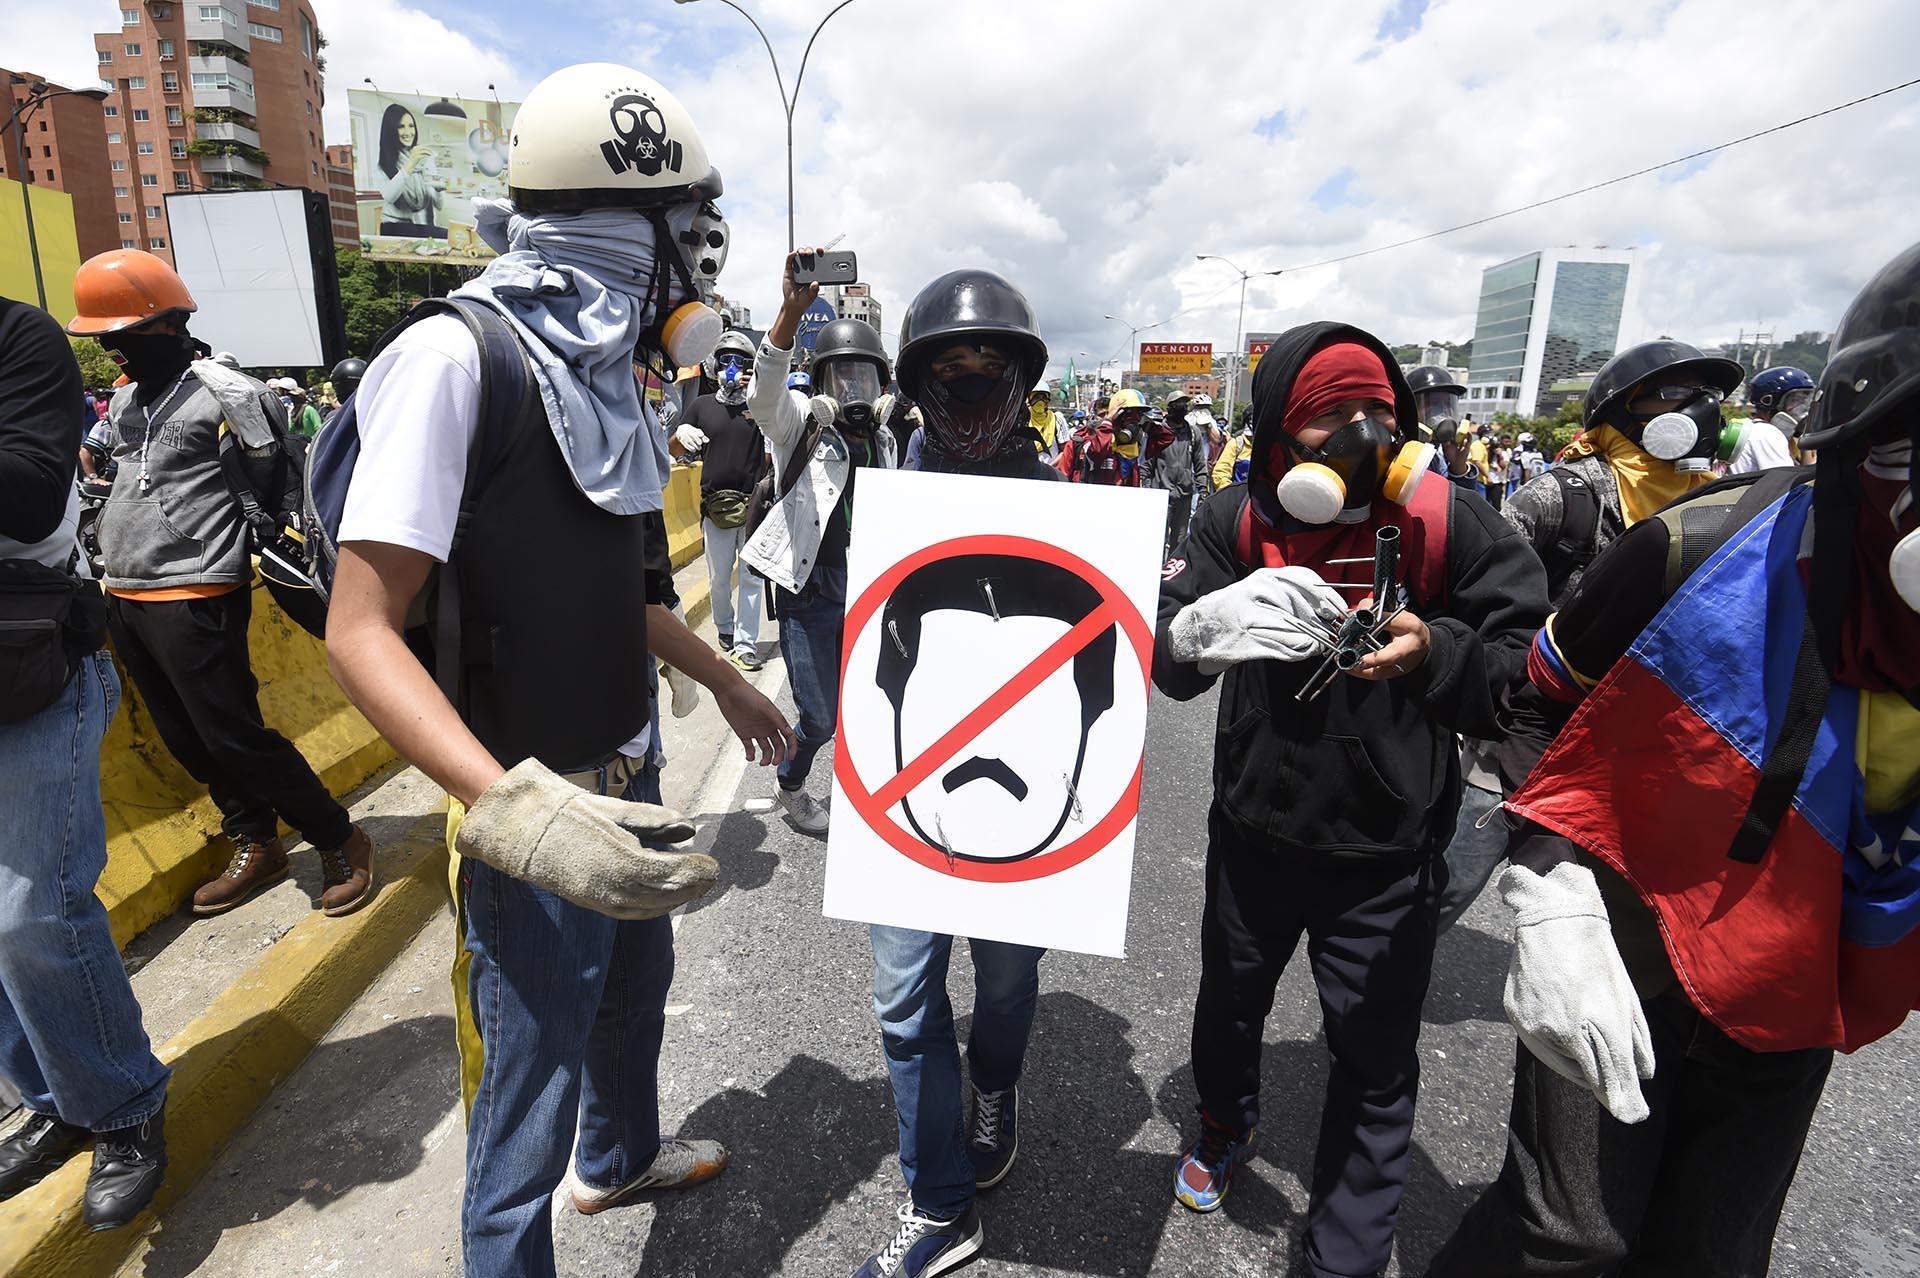 Portesta de activistas contra el régimen Nicolás Maduro en Caracas, Venezuela